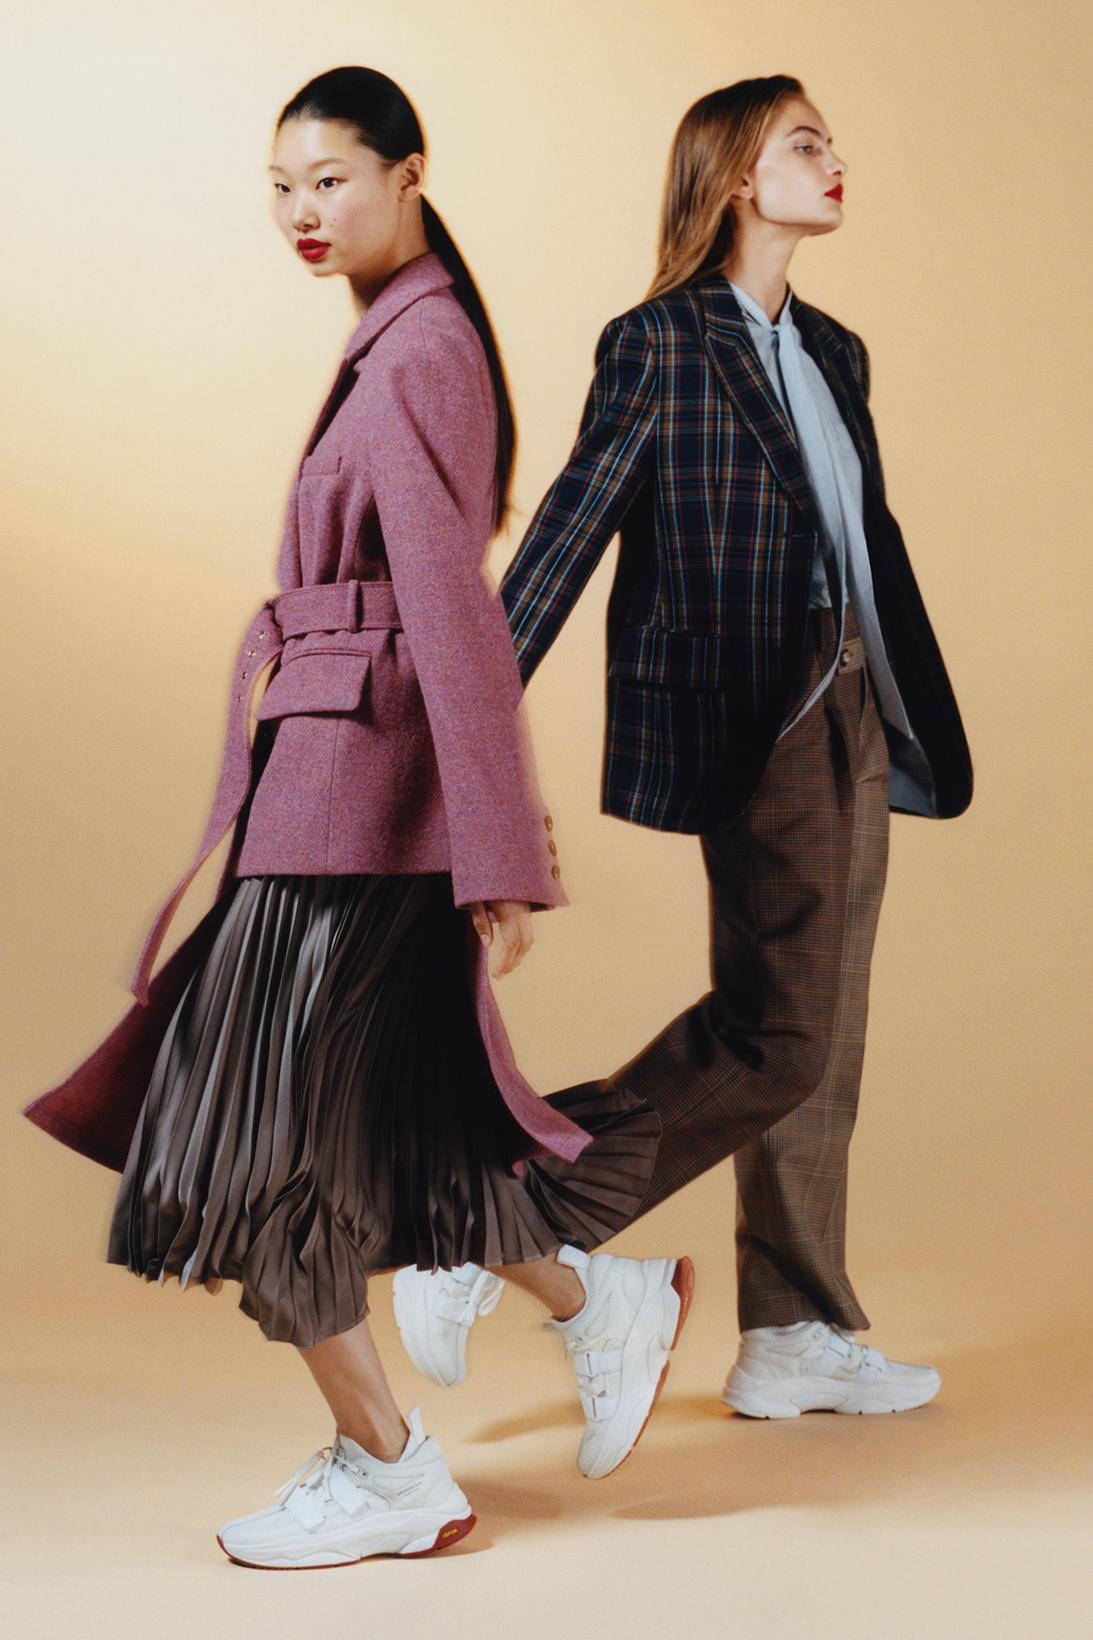 Фото: Net-a-Porter представили шесть капсульных коллекций корейских дизайнеров